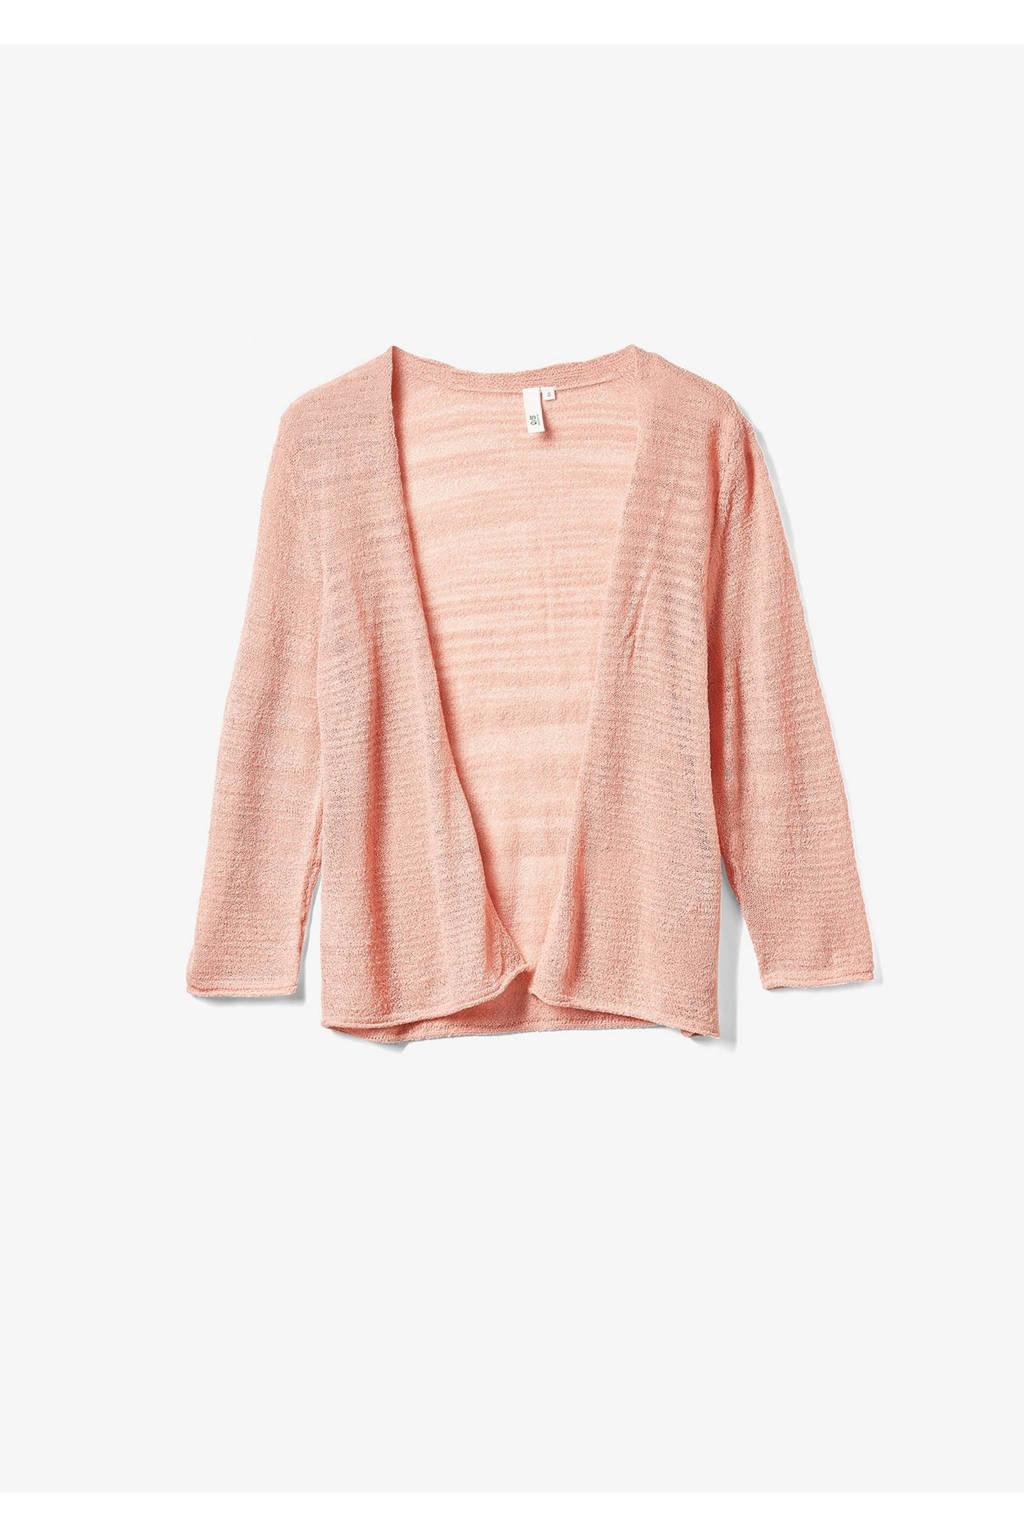 Q/S designed by geweven vest roze, Roze